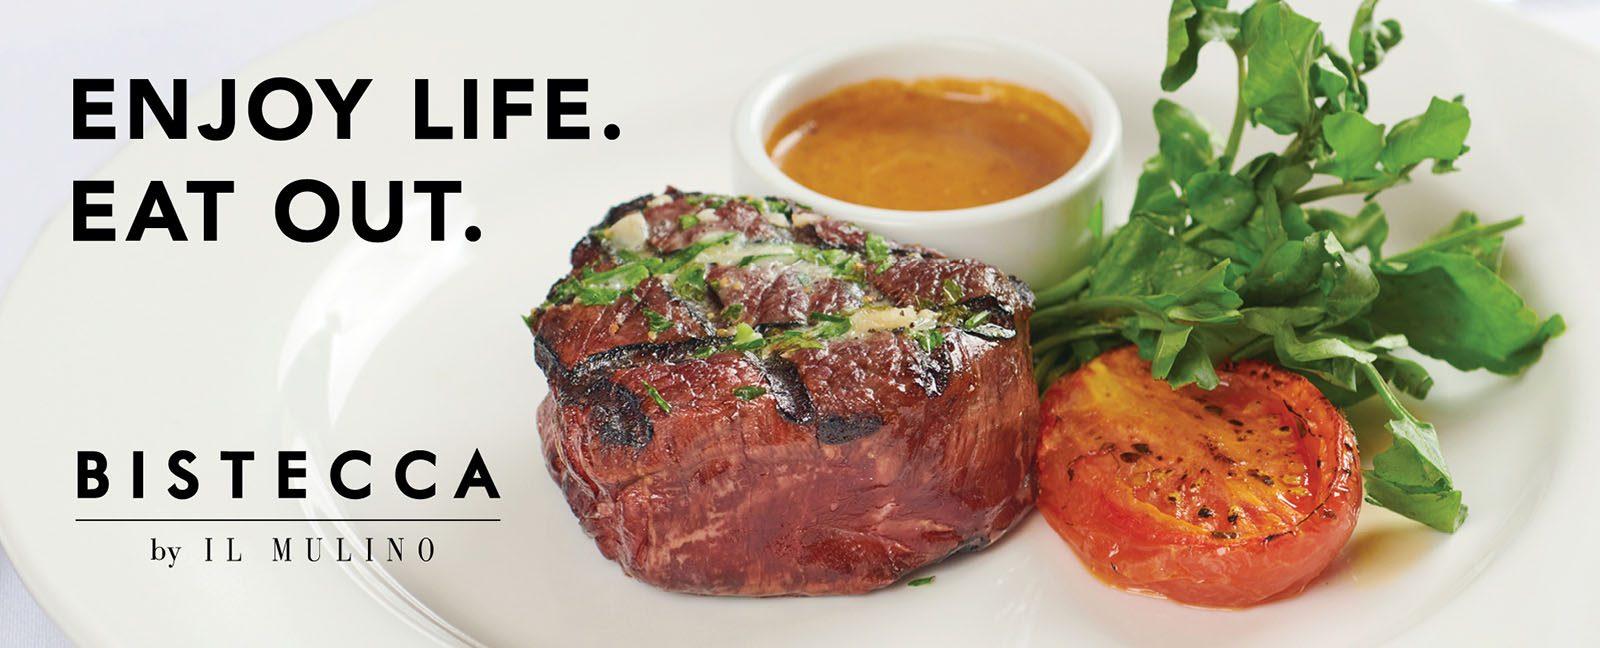 bistecca fine dining